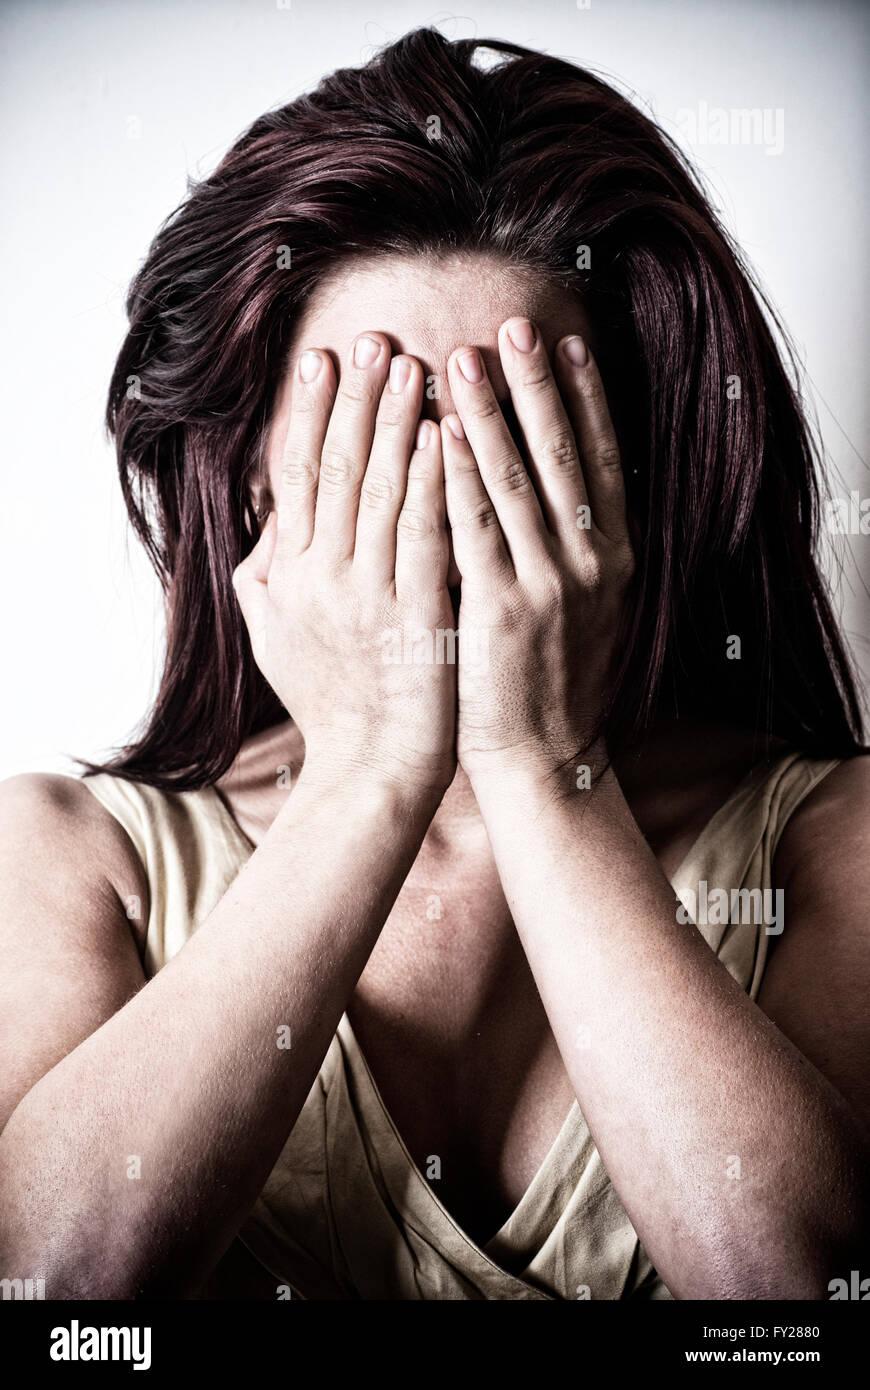 Junge Frau Gesicht mit den Händen versteckt Stockbild